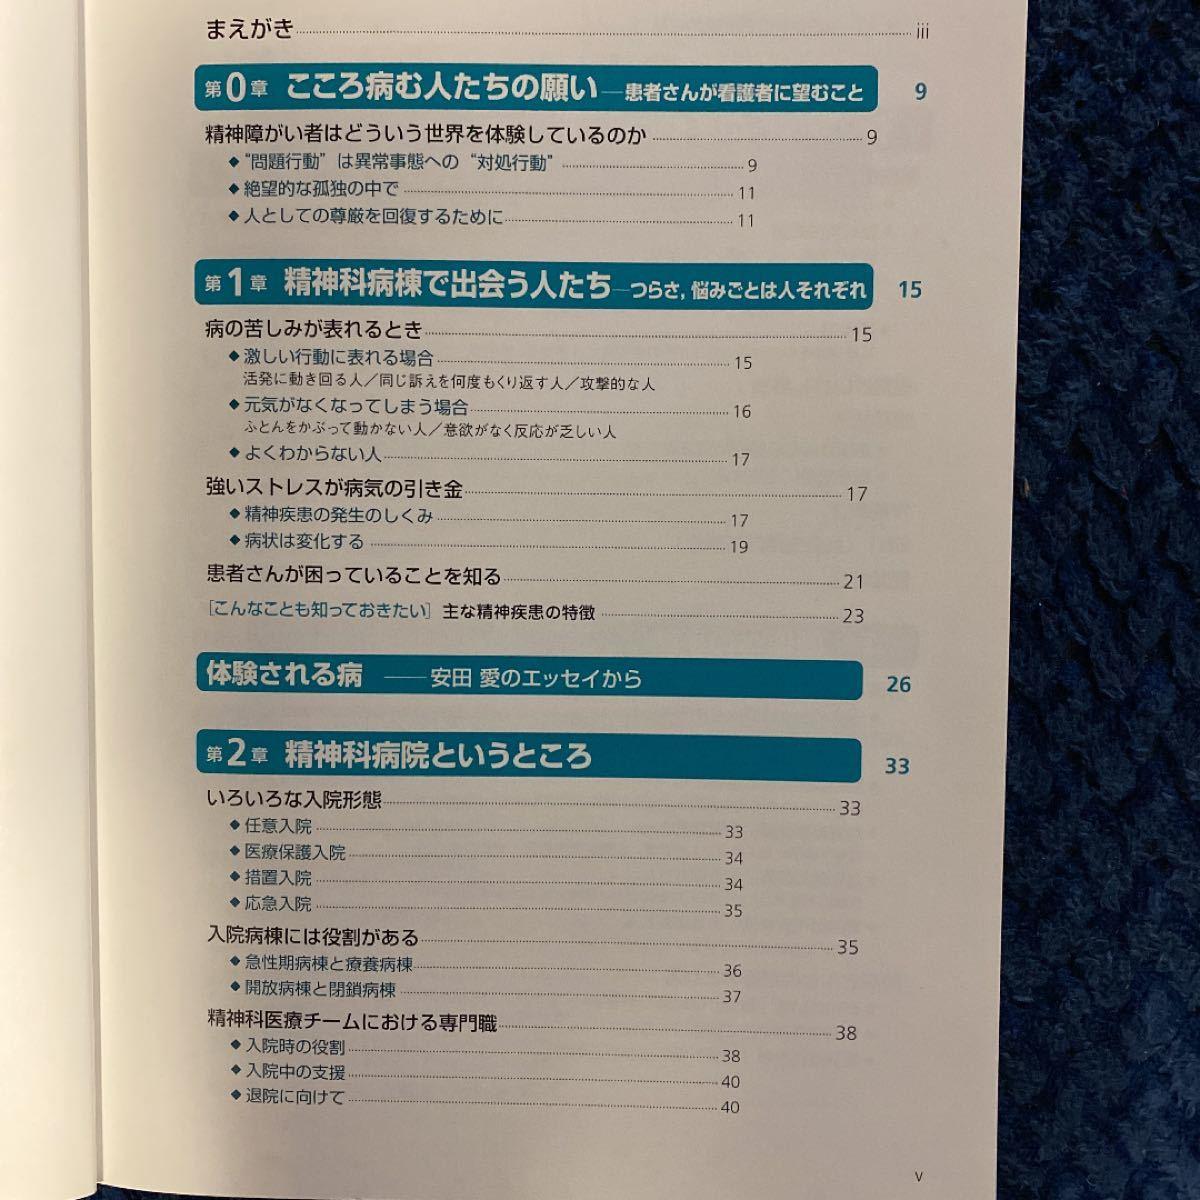 「精神科ビギナーズ・テキスト すぐに役立つ基礎知識と実践ガイド」日本精神科看護技術協会